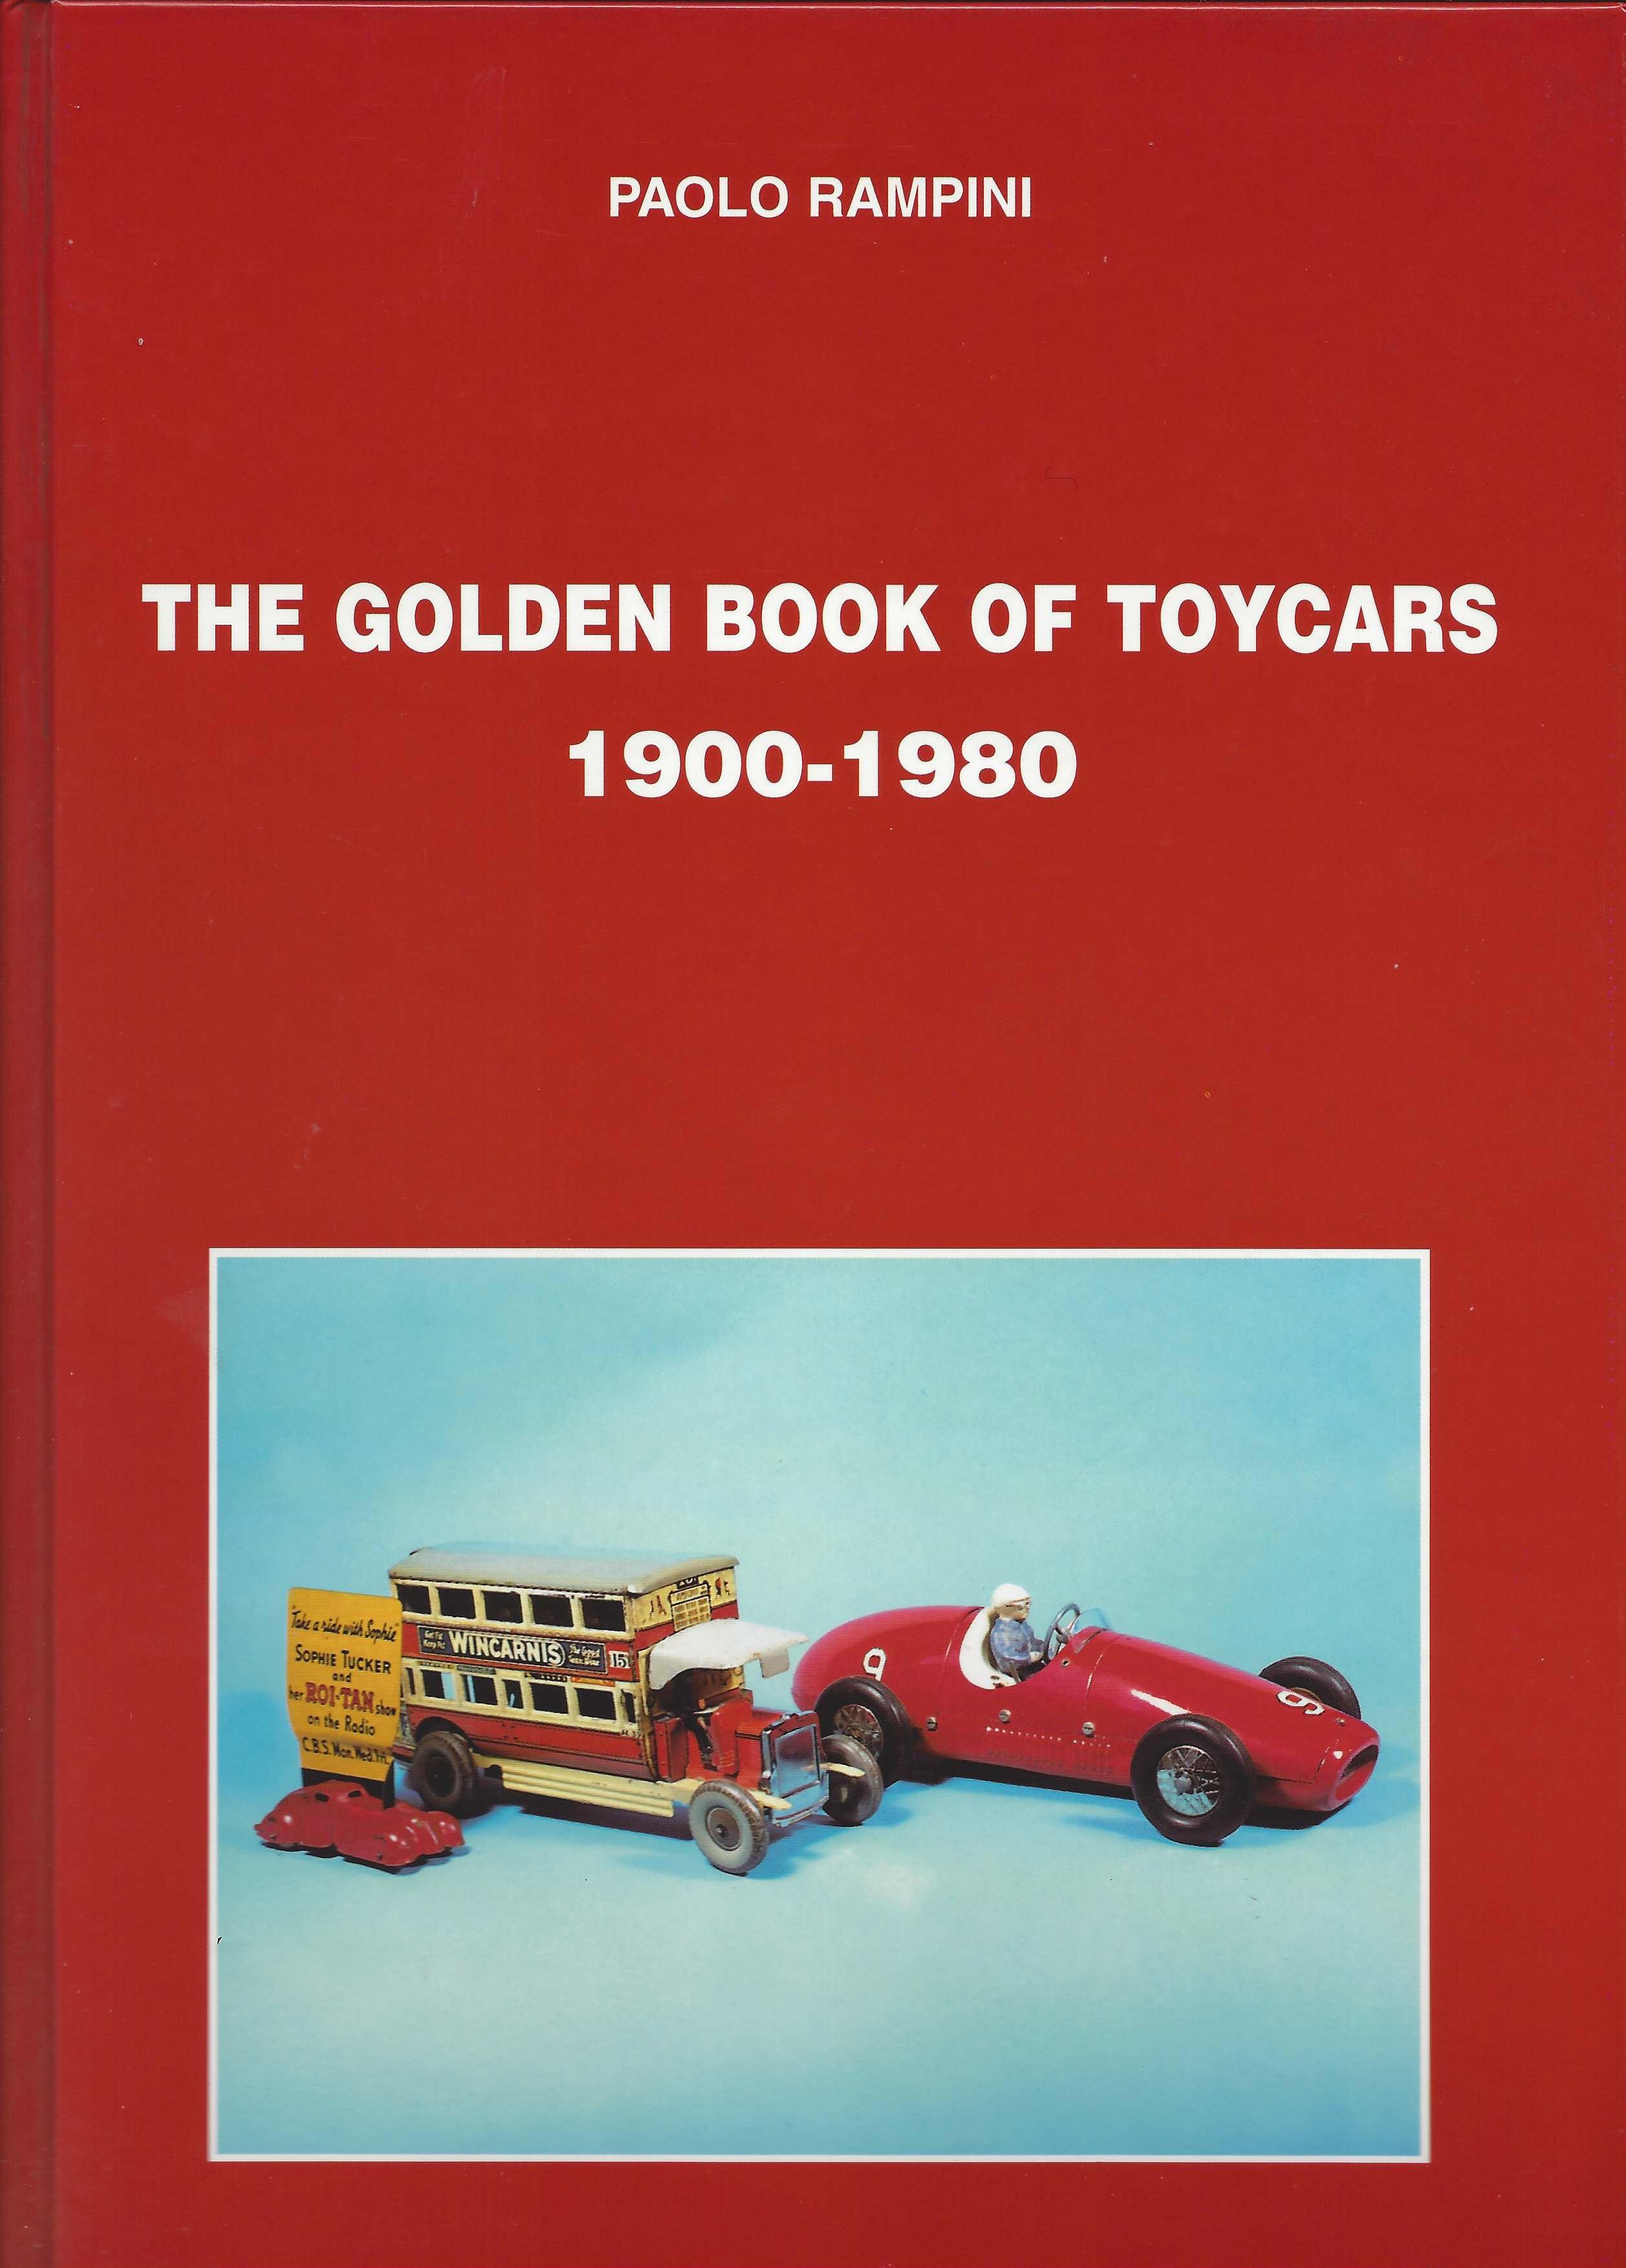 14 - Golden Book of Toycars 1900-1980, Milano, Edizioni Paolo Rampini, 2004